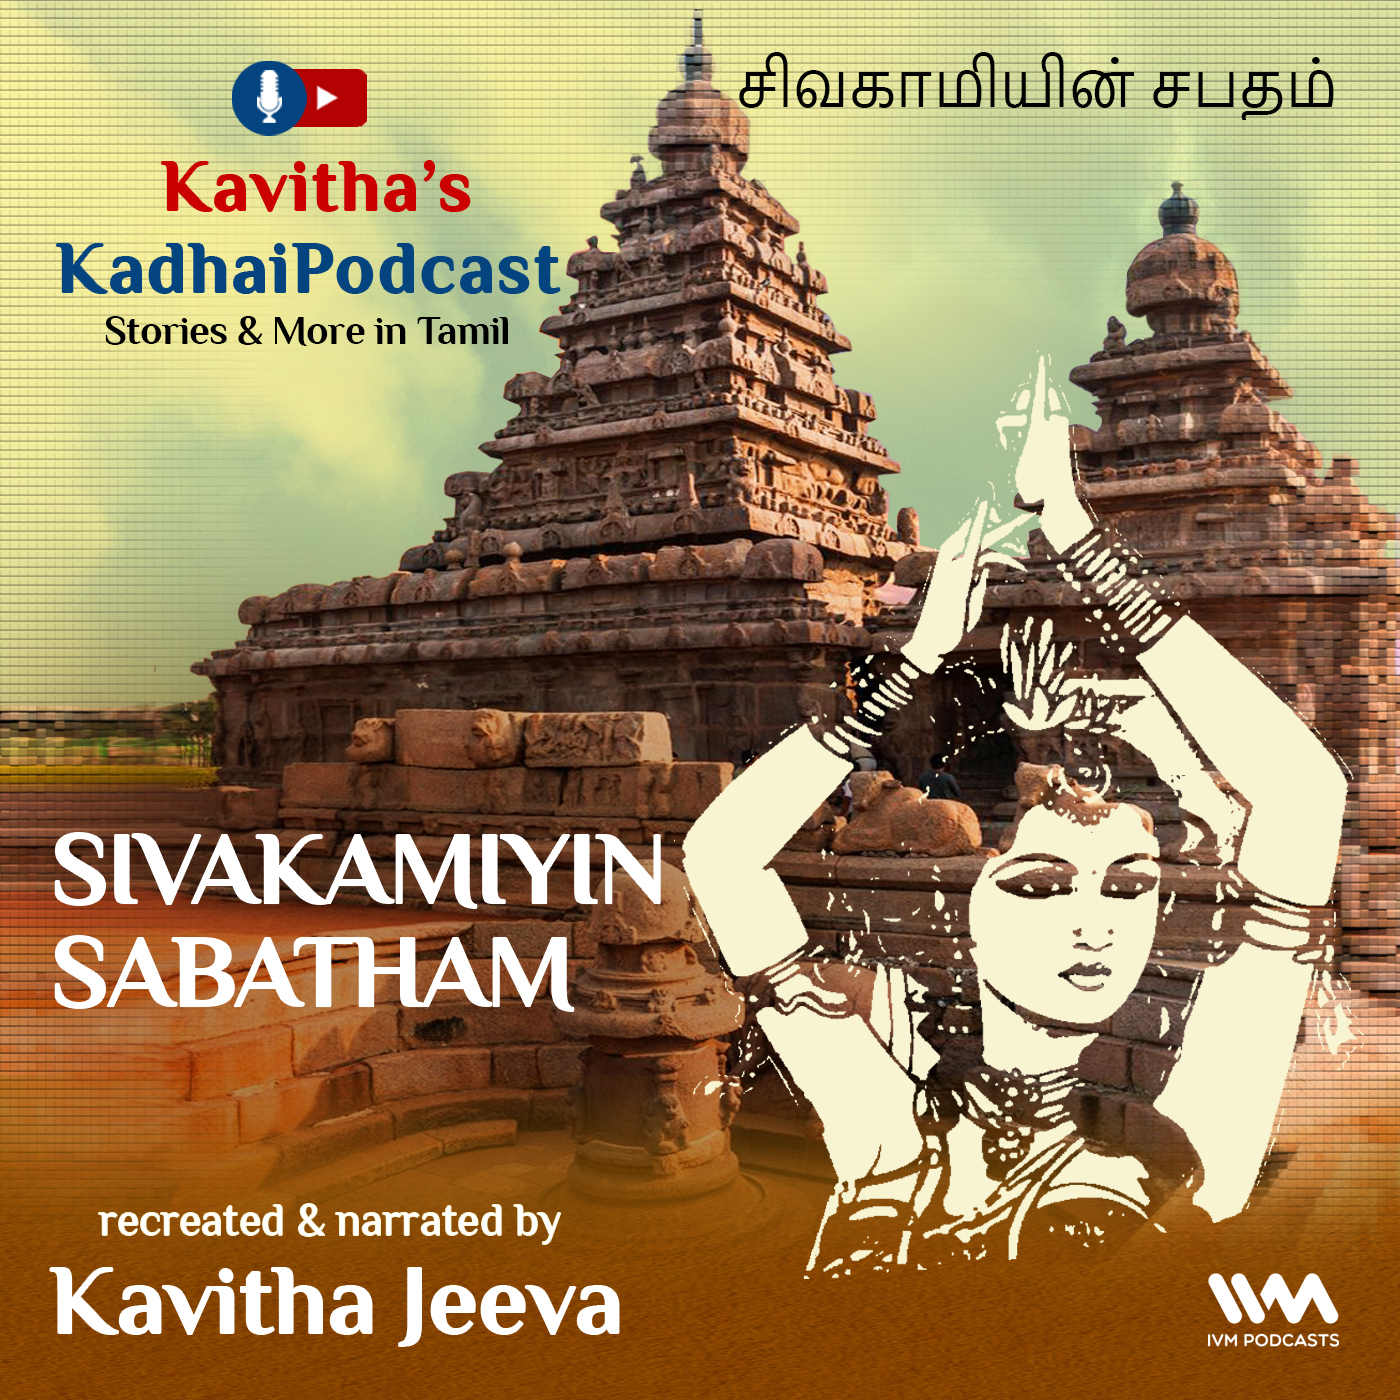 Sivakamiyin Sabatham Exclusive # 2